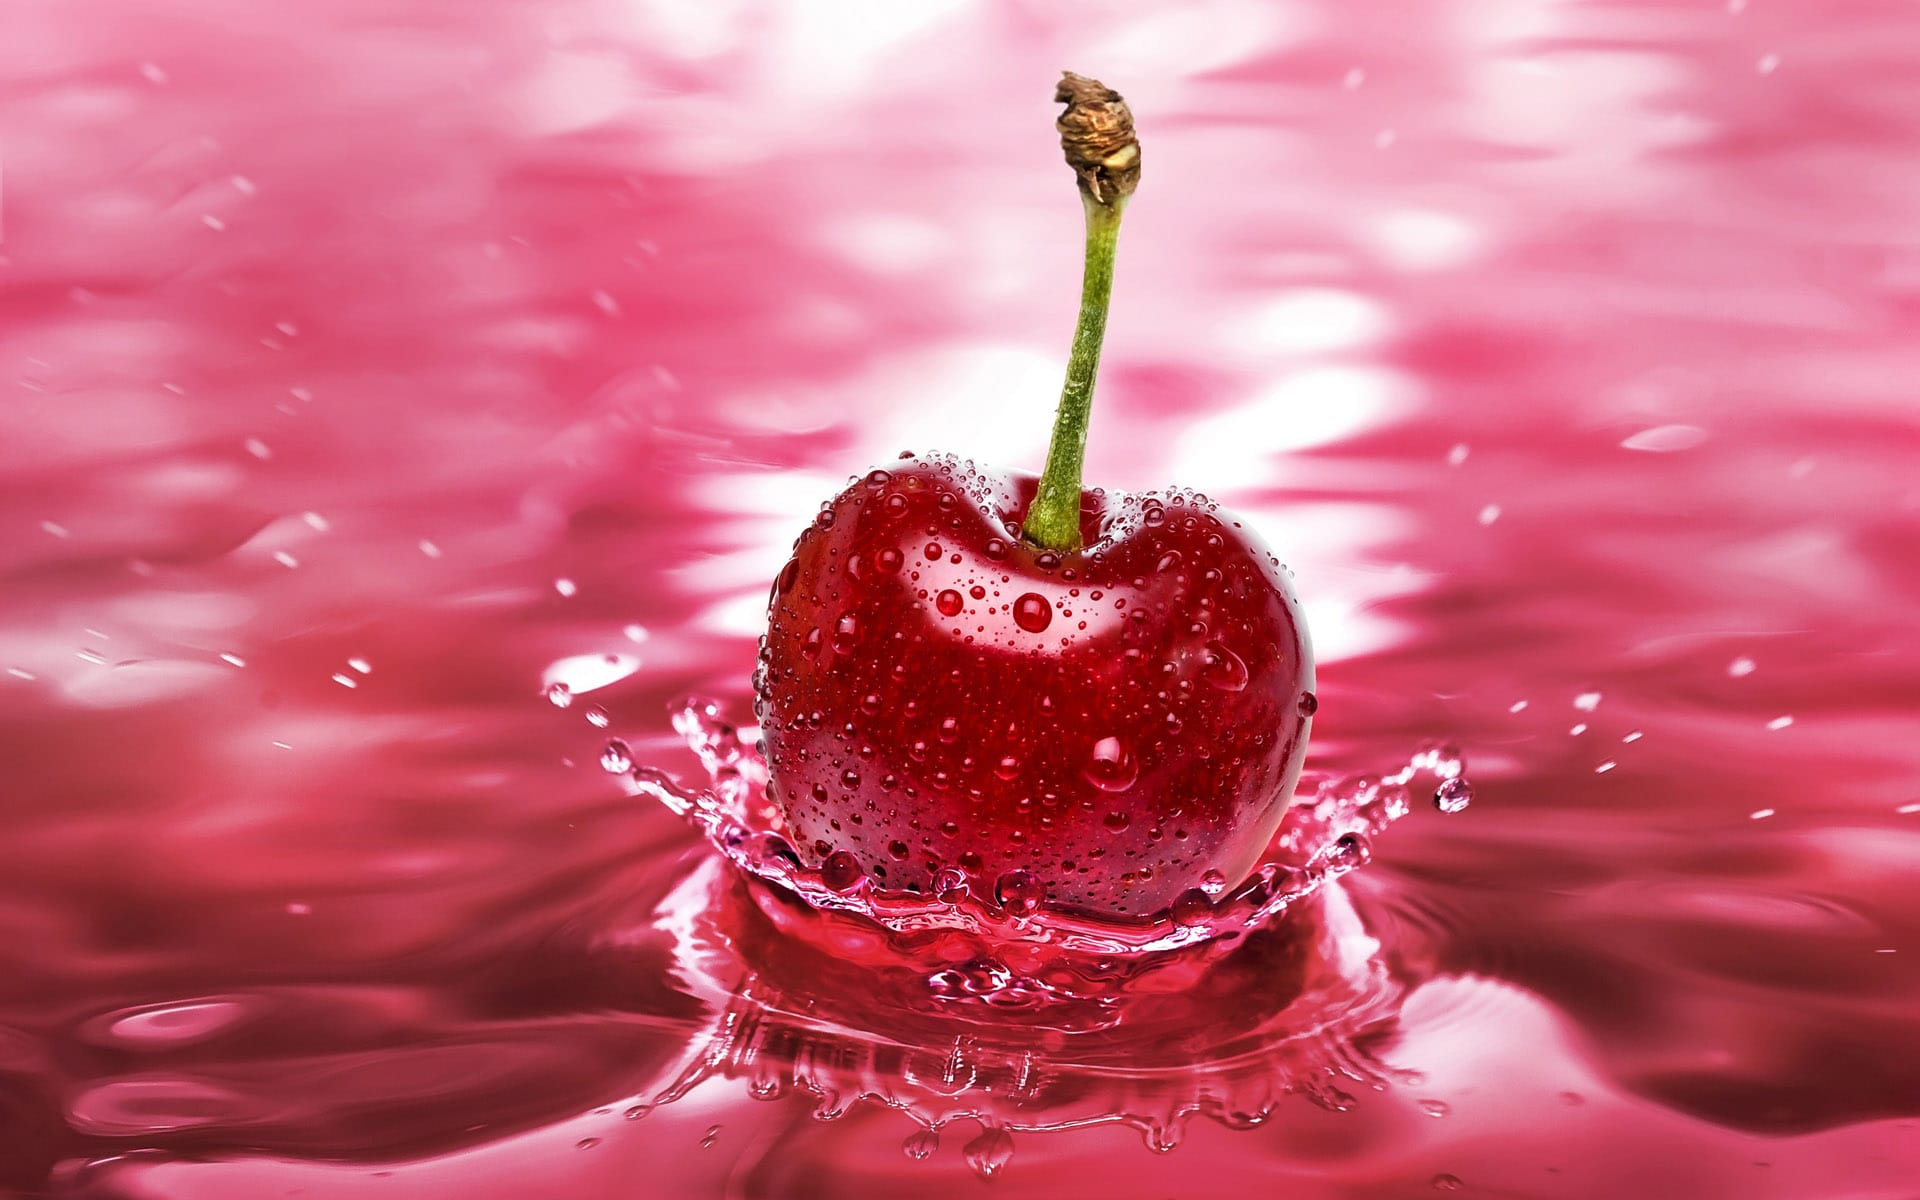 Hình nền 3D hoa quả đẹp nhất